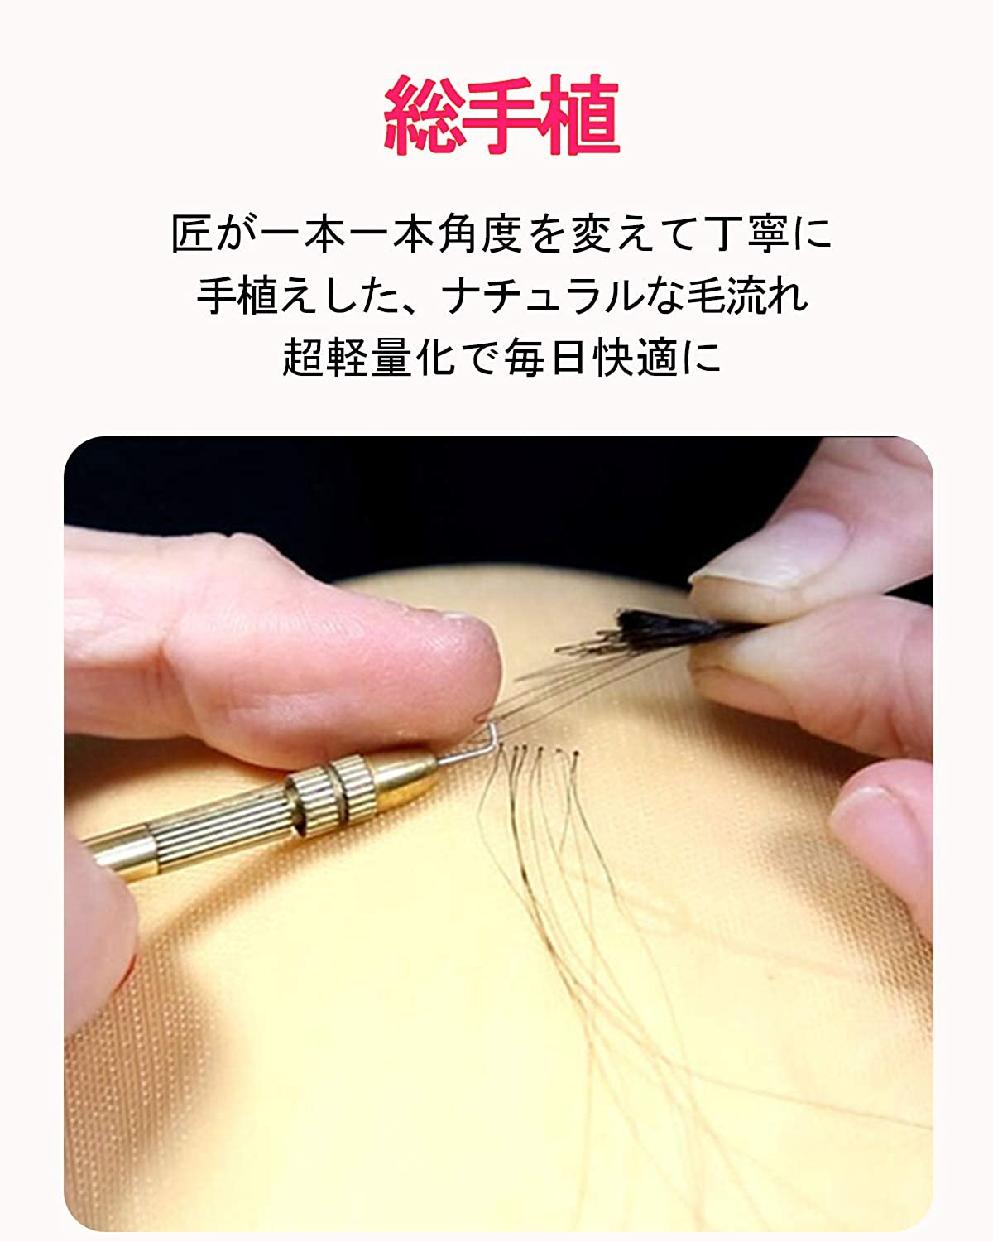 HIYE(ハイヤ) 前髪 つむじ ヘアピース 部分ウィッグの商品画像5